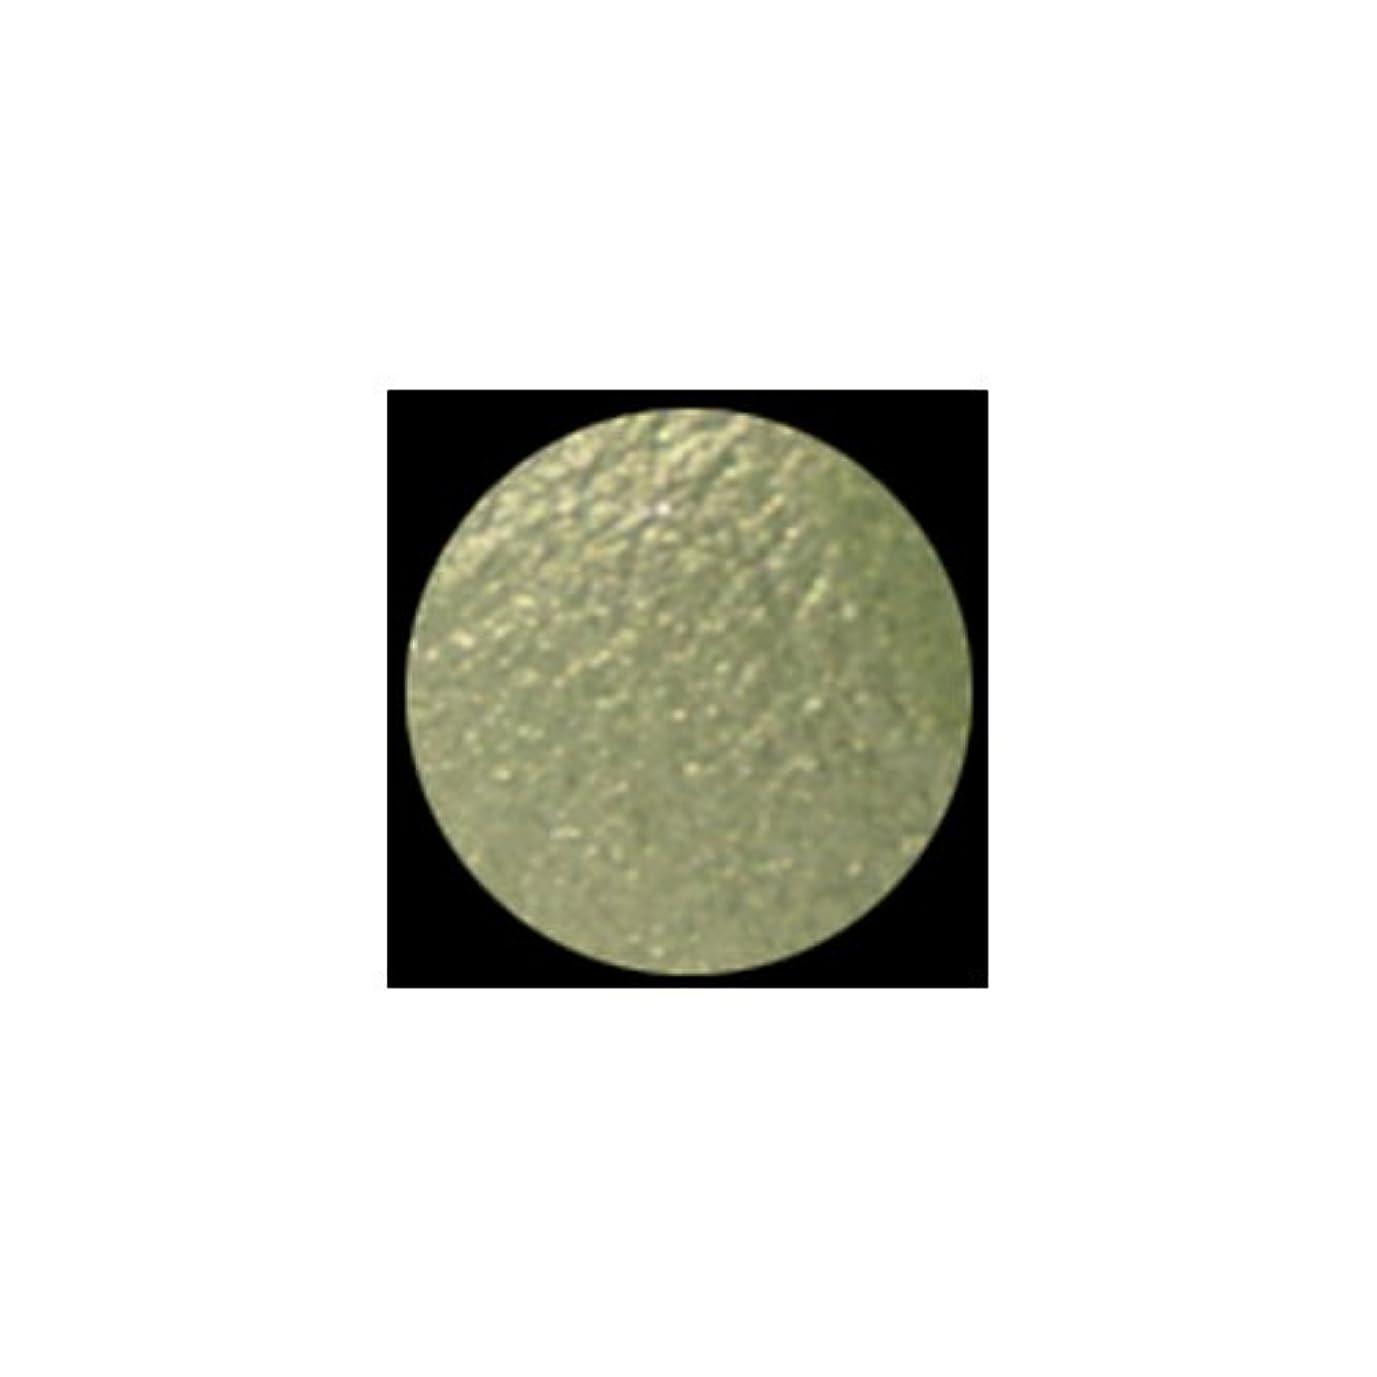 ロードブロッキング時刻表アルコールKLEANCOLOR American Eyedol (Wet/Dry Baked Eyeshadow) - Shamrock (並行輸入品)